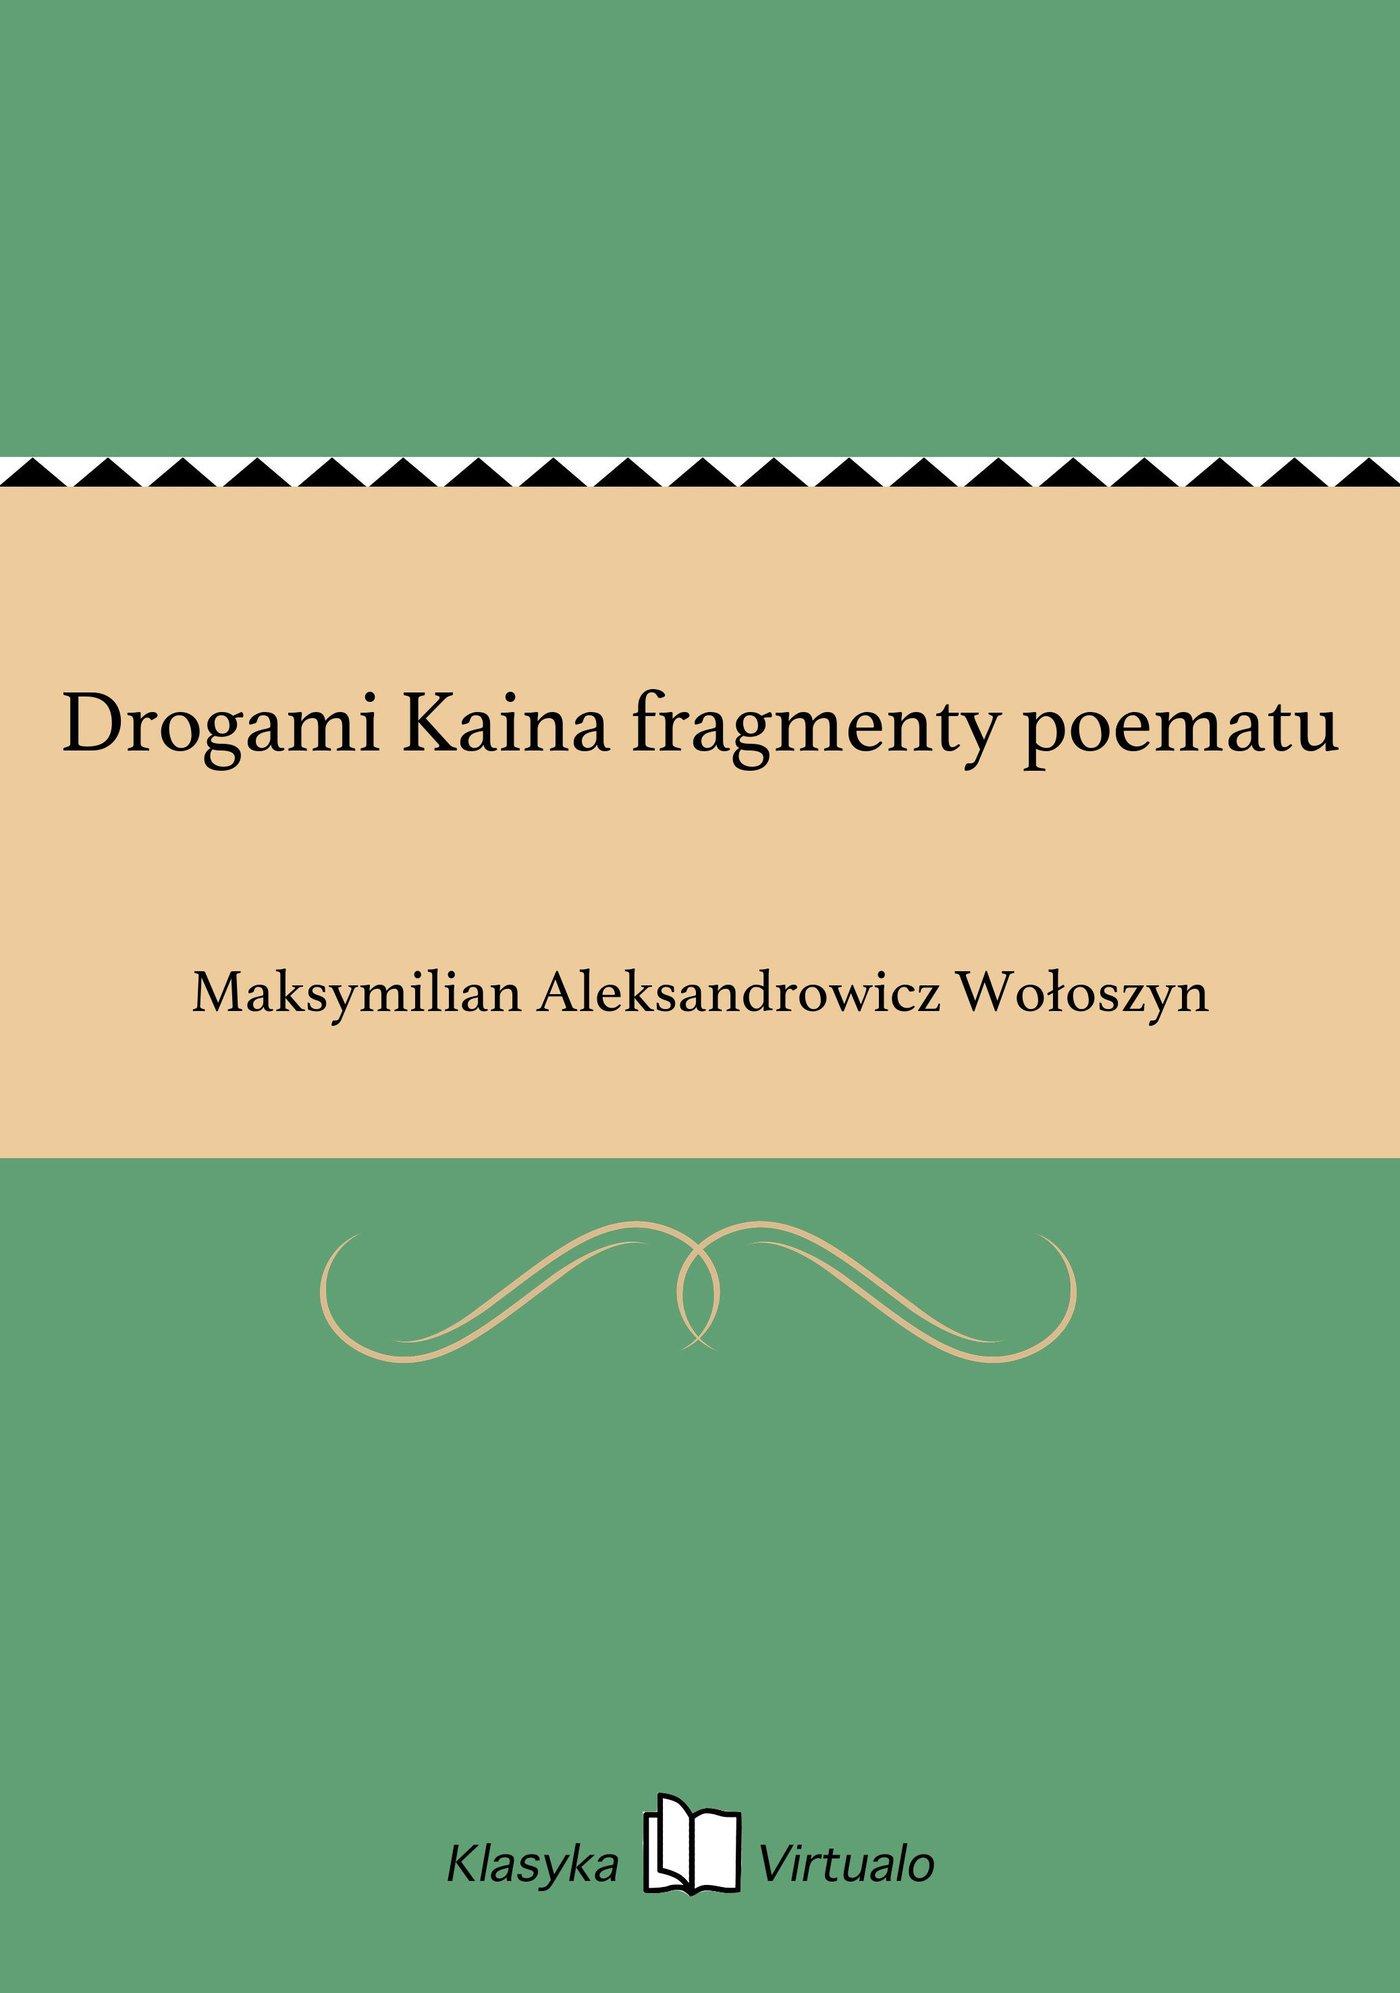 Drogami Kaina fragmenty poematu - Ebook (Książka EPUB) do pobrania w formacie EPUB